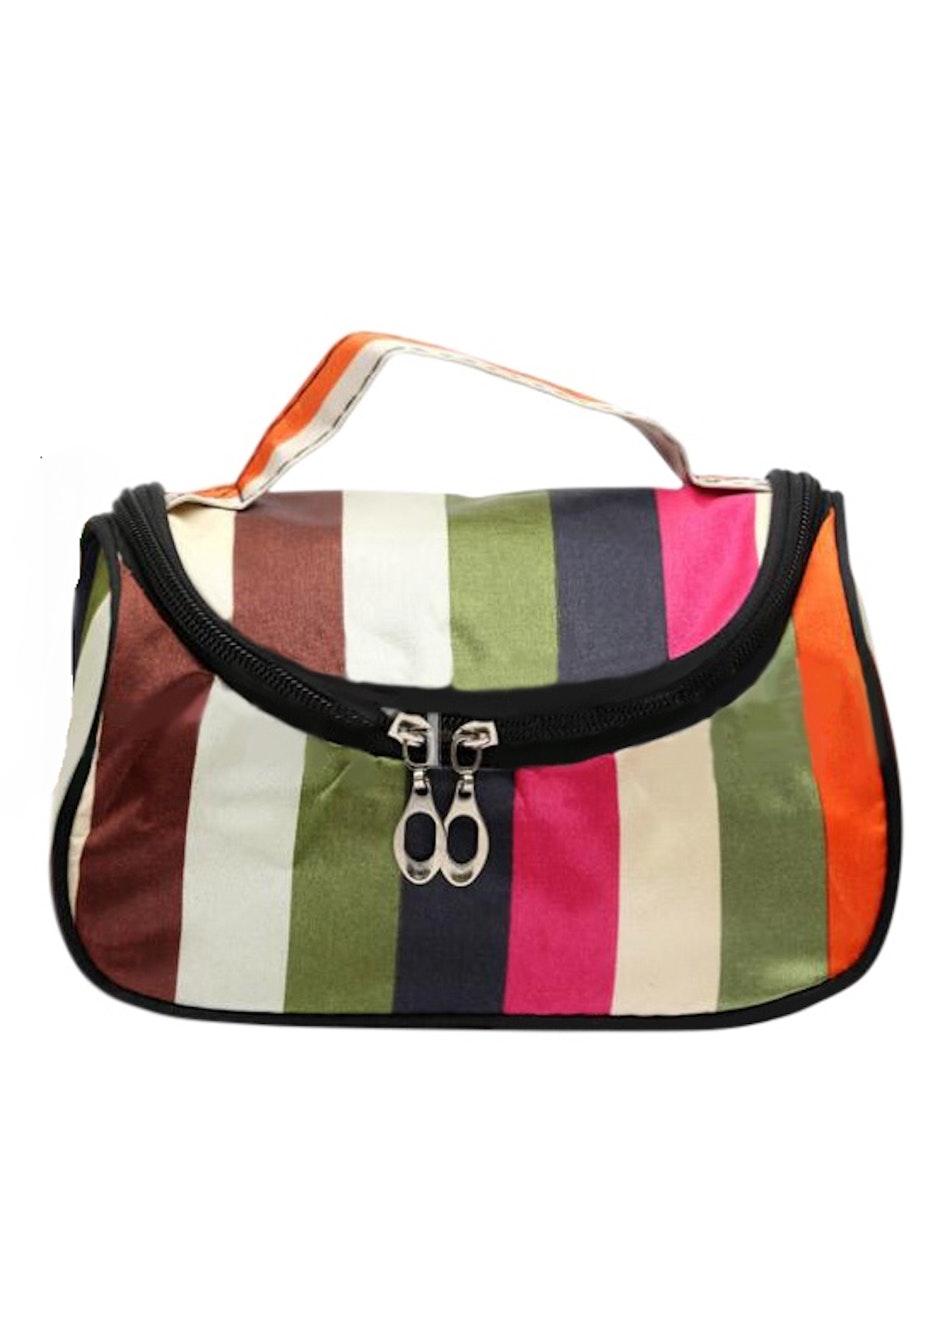 Cosmetic Travel Bag & Organiser